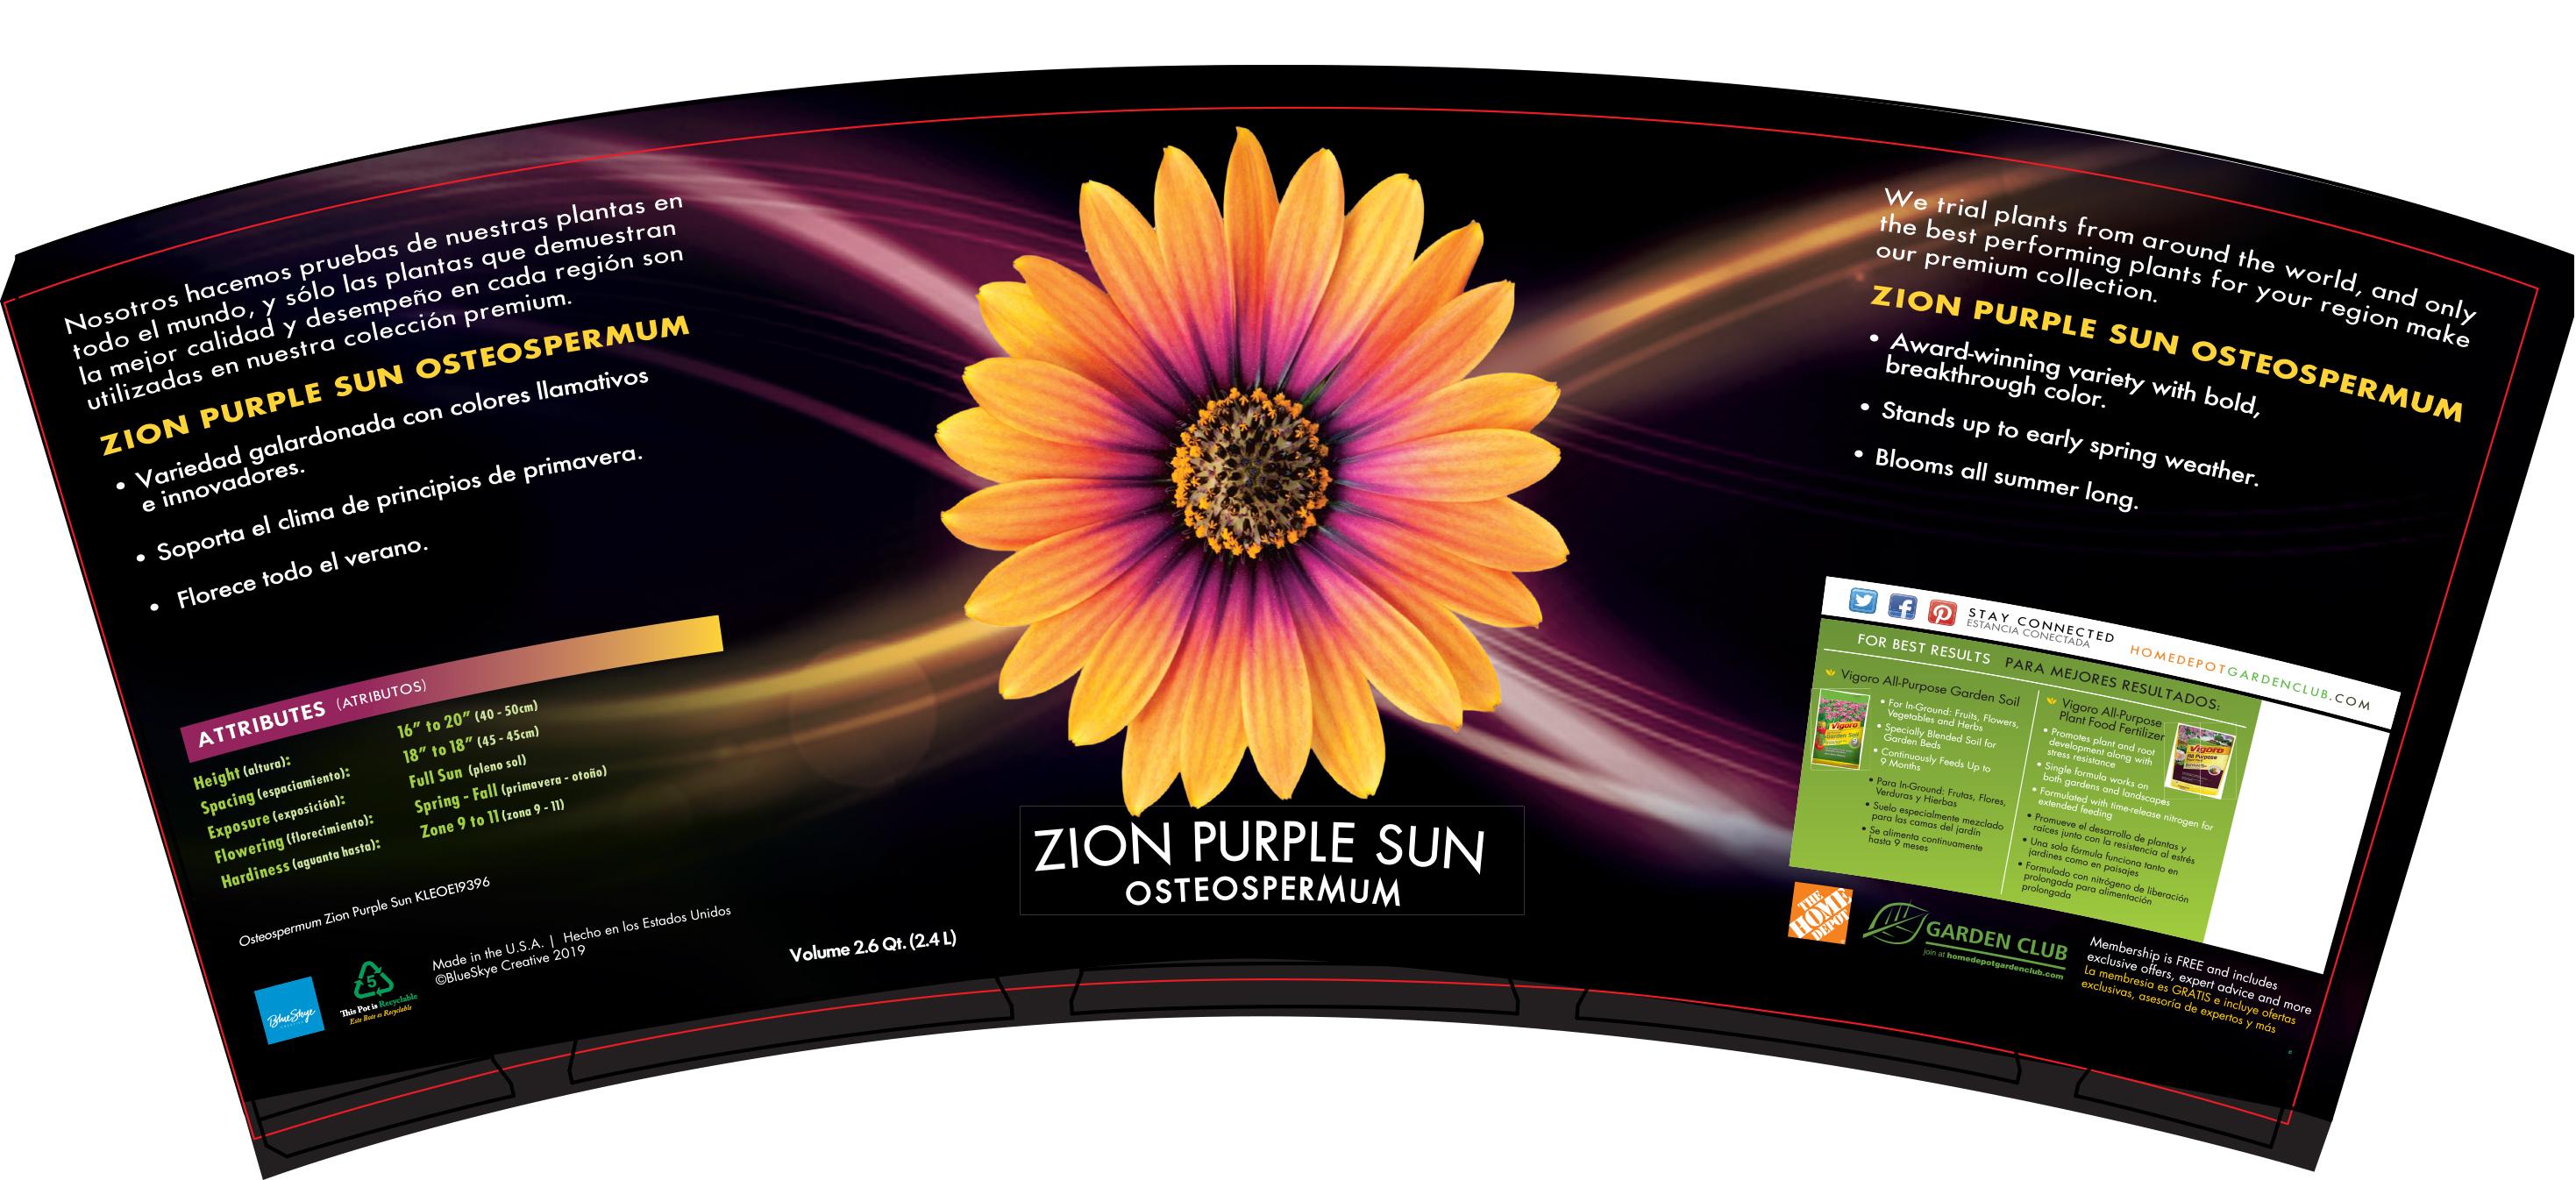 Osteospermum Zion Purple Sun